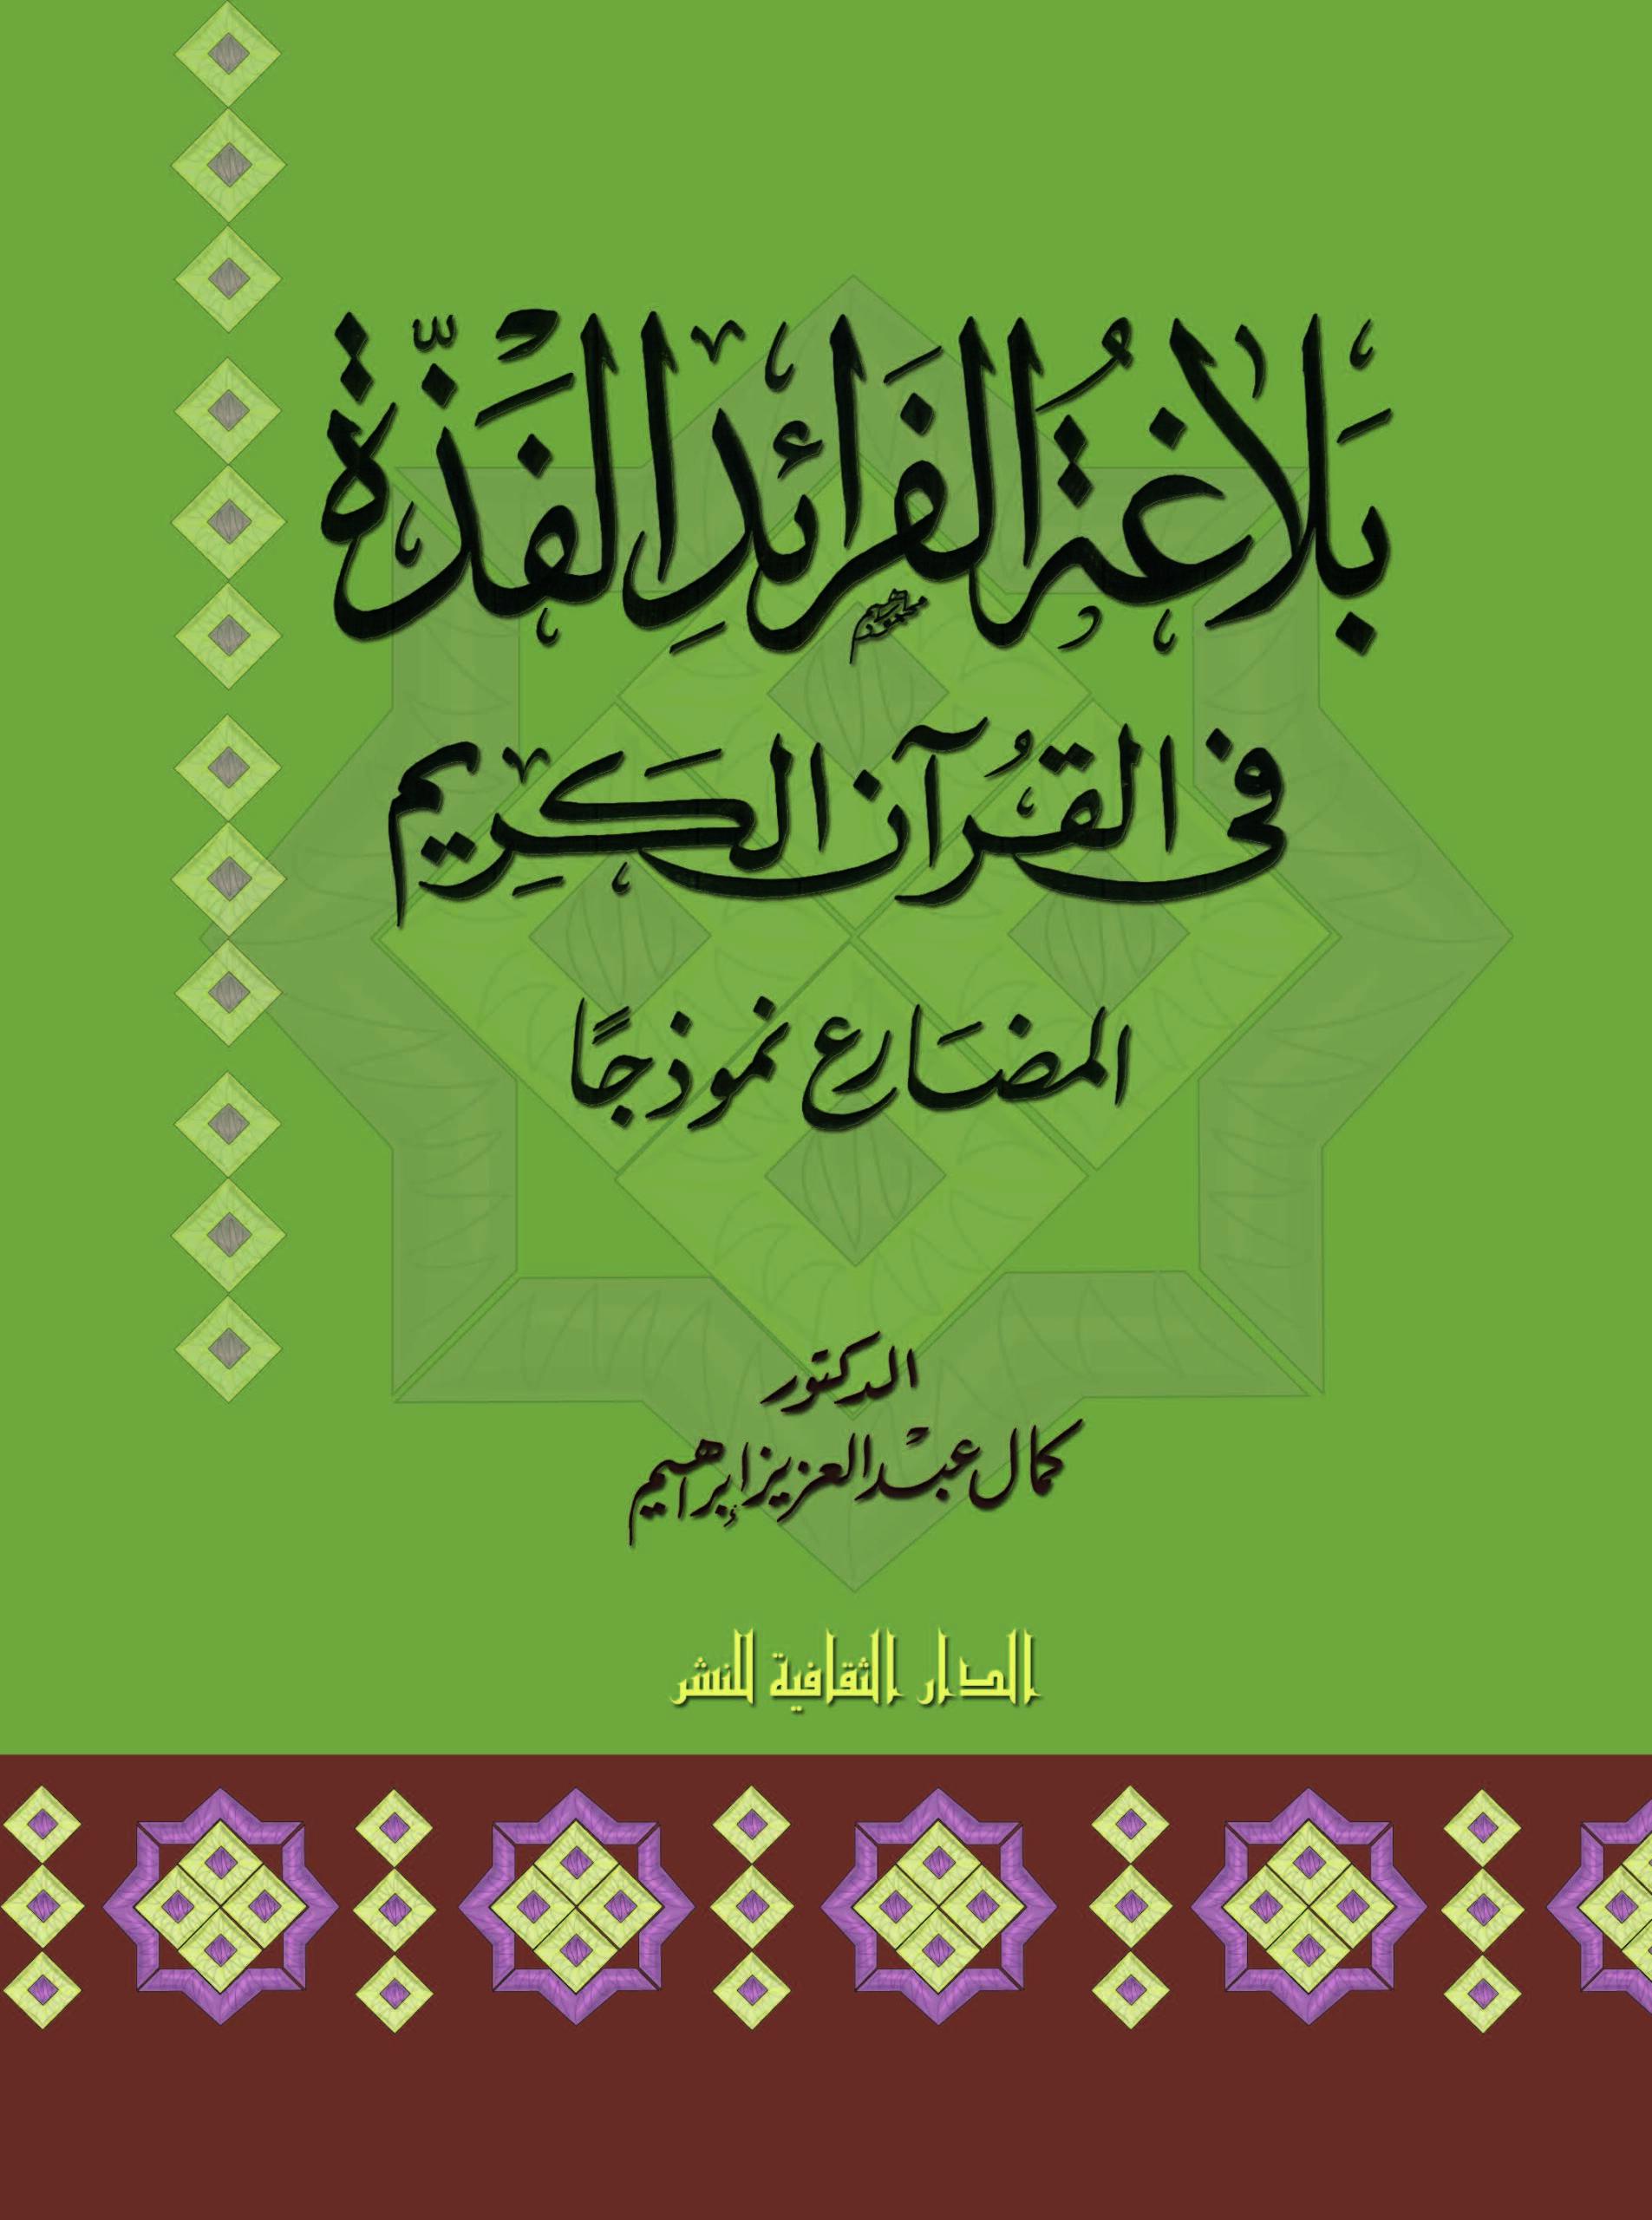 بلاغة الفرائد الفذة فى القرآن الكريم